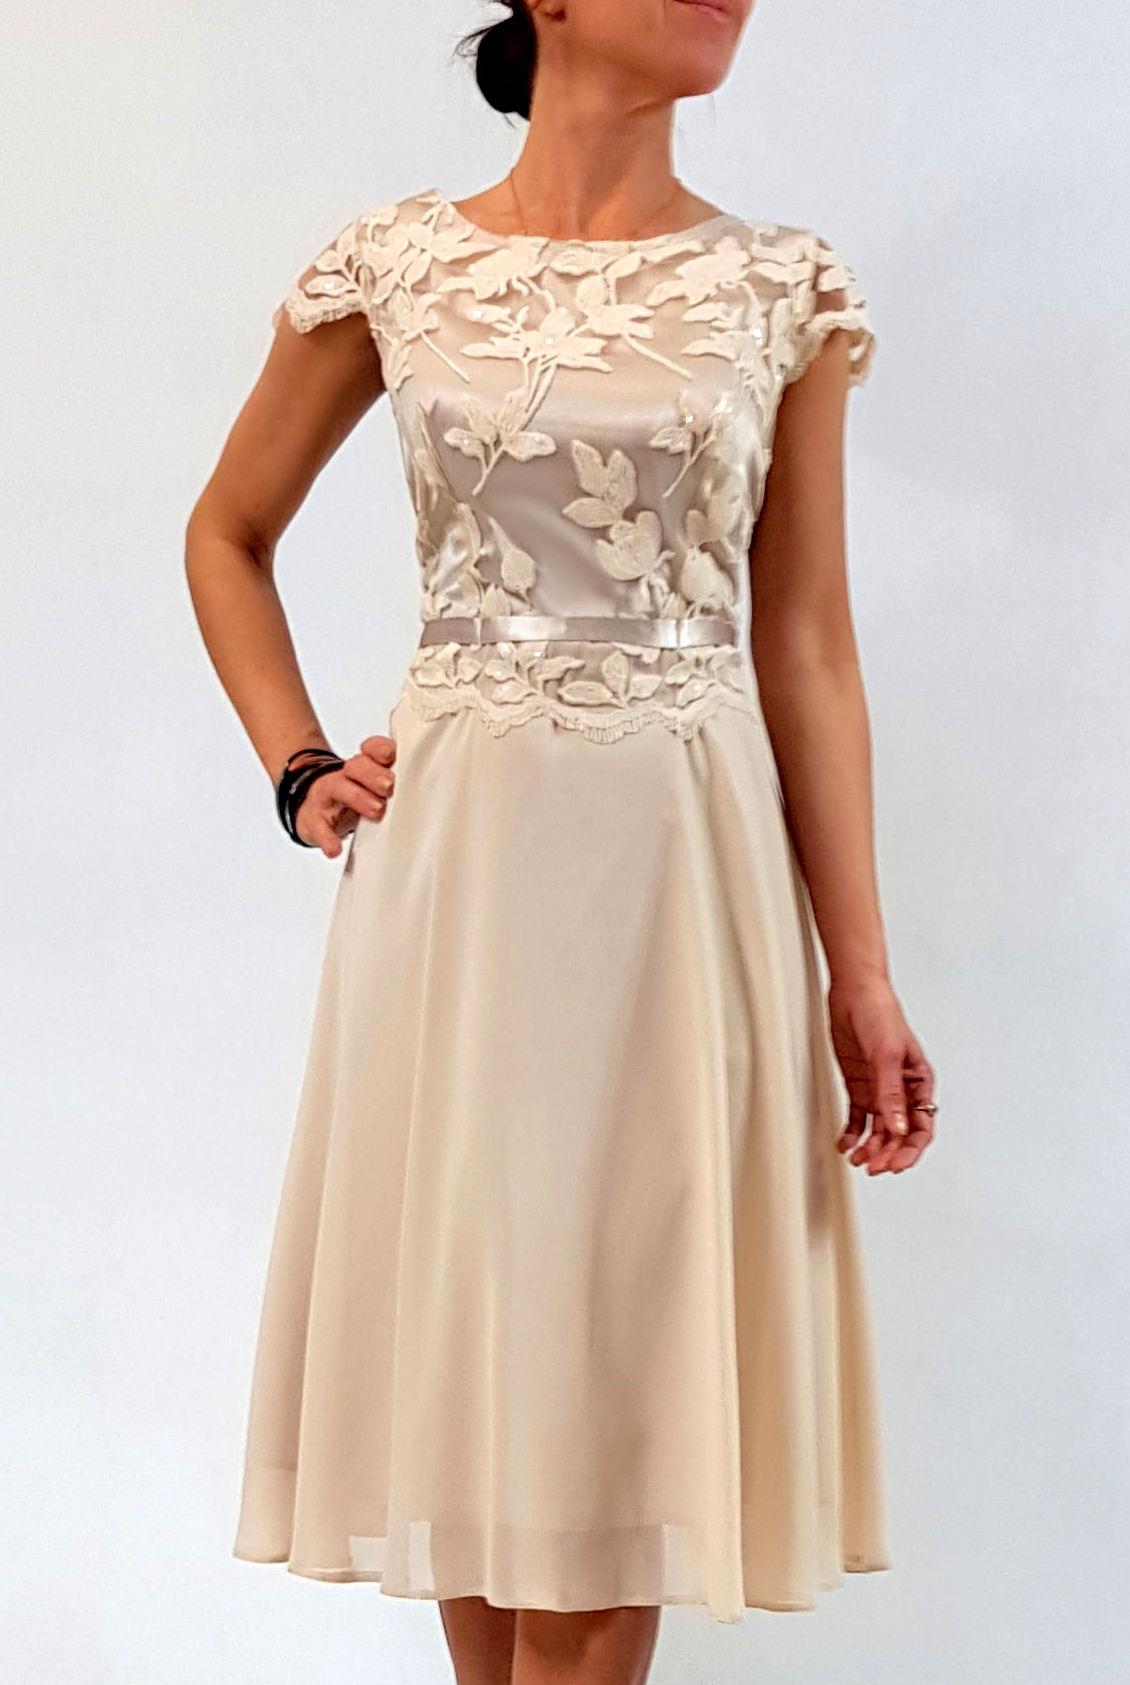 02138bc244 Elegancka sukienka Amanda beż 46 na Bazarek.pl